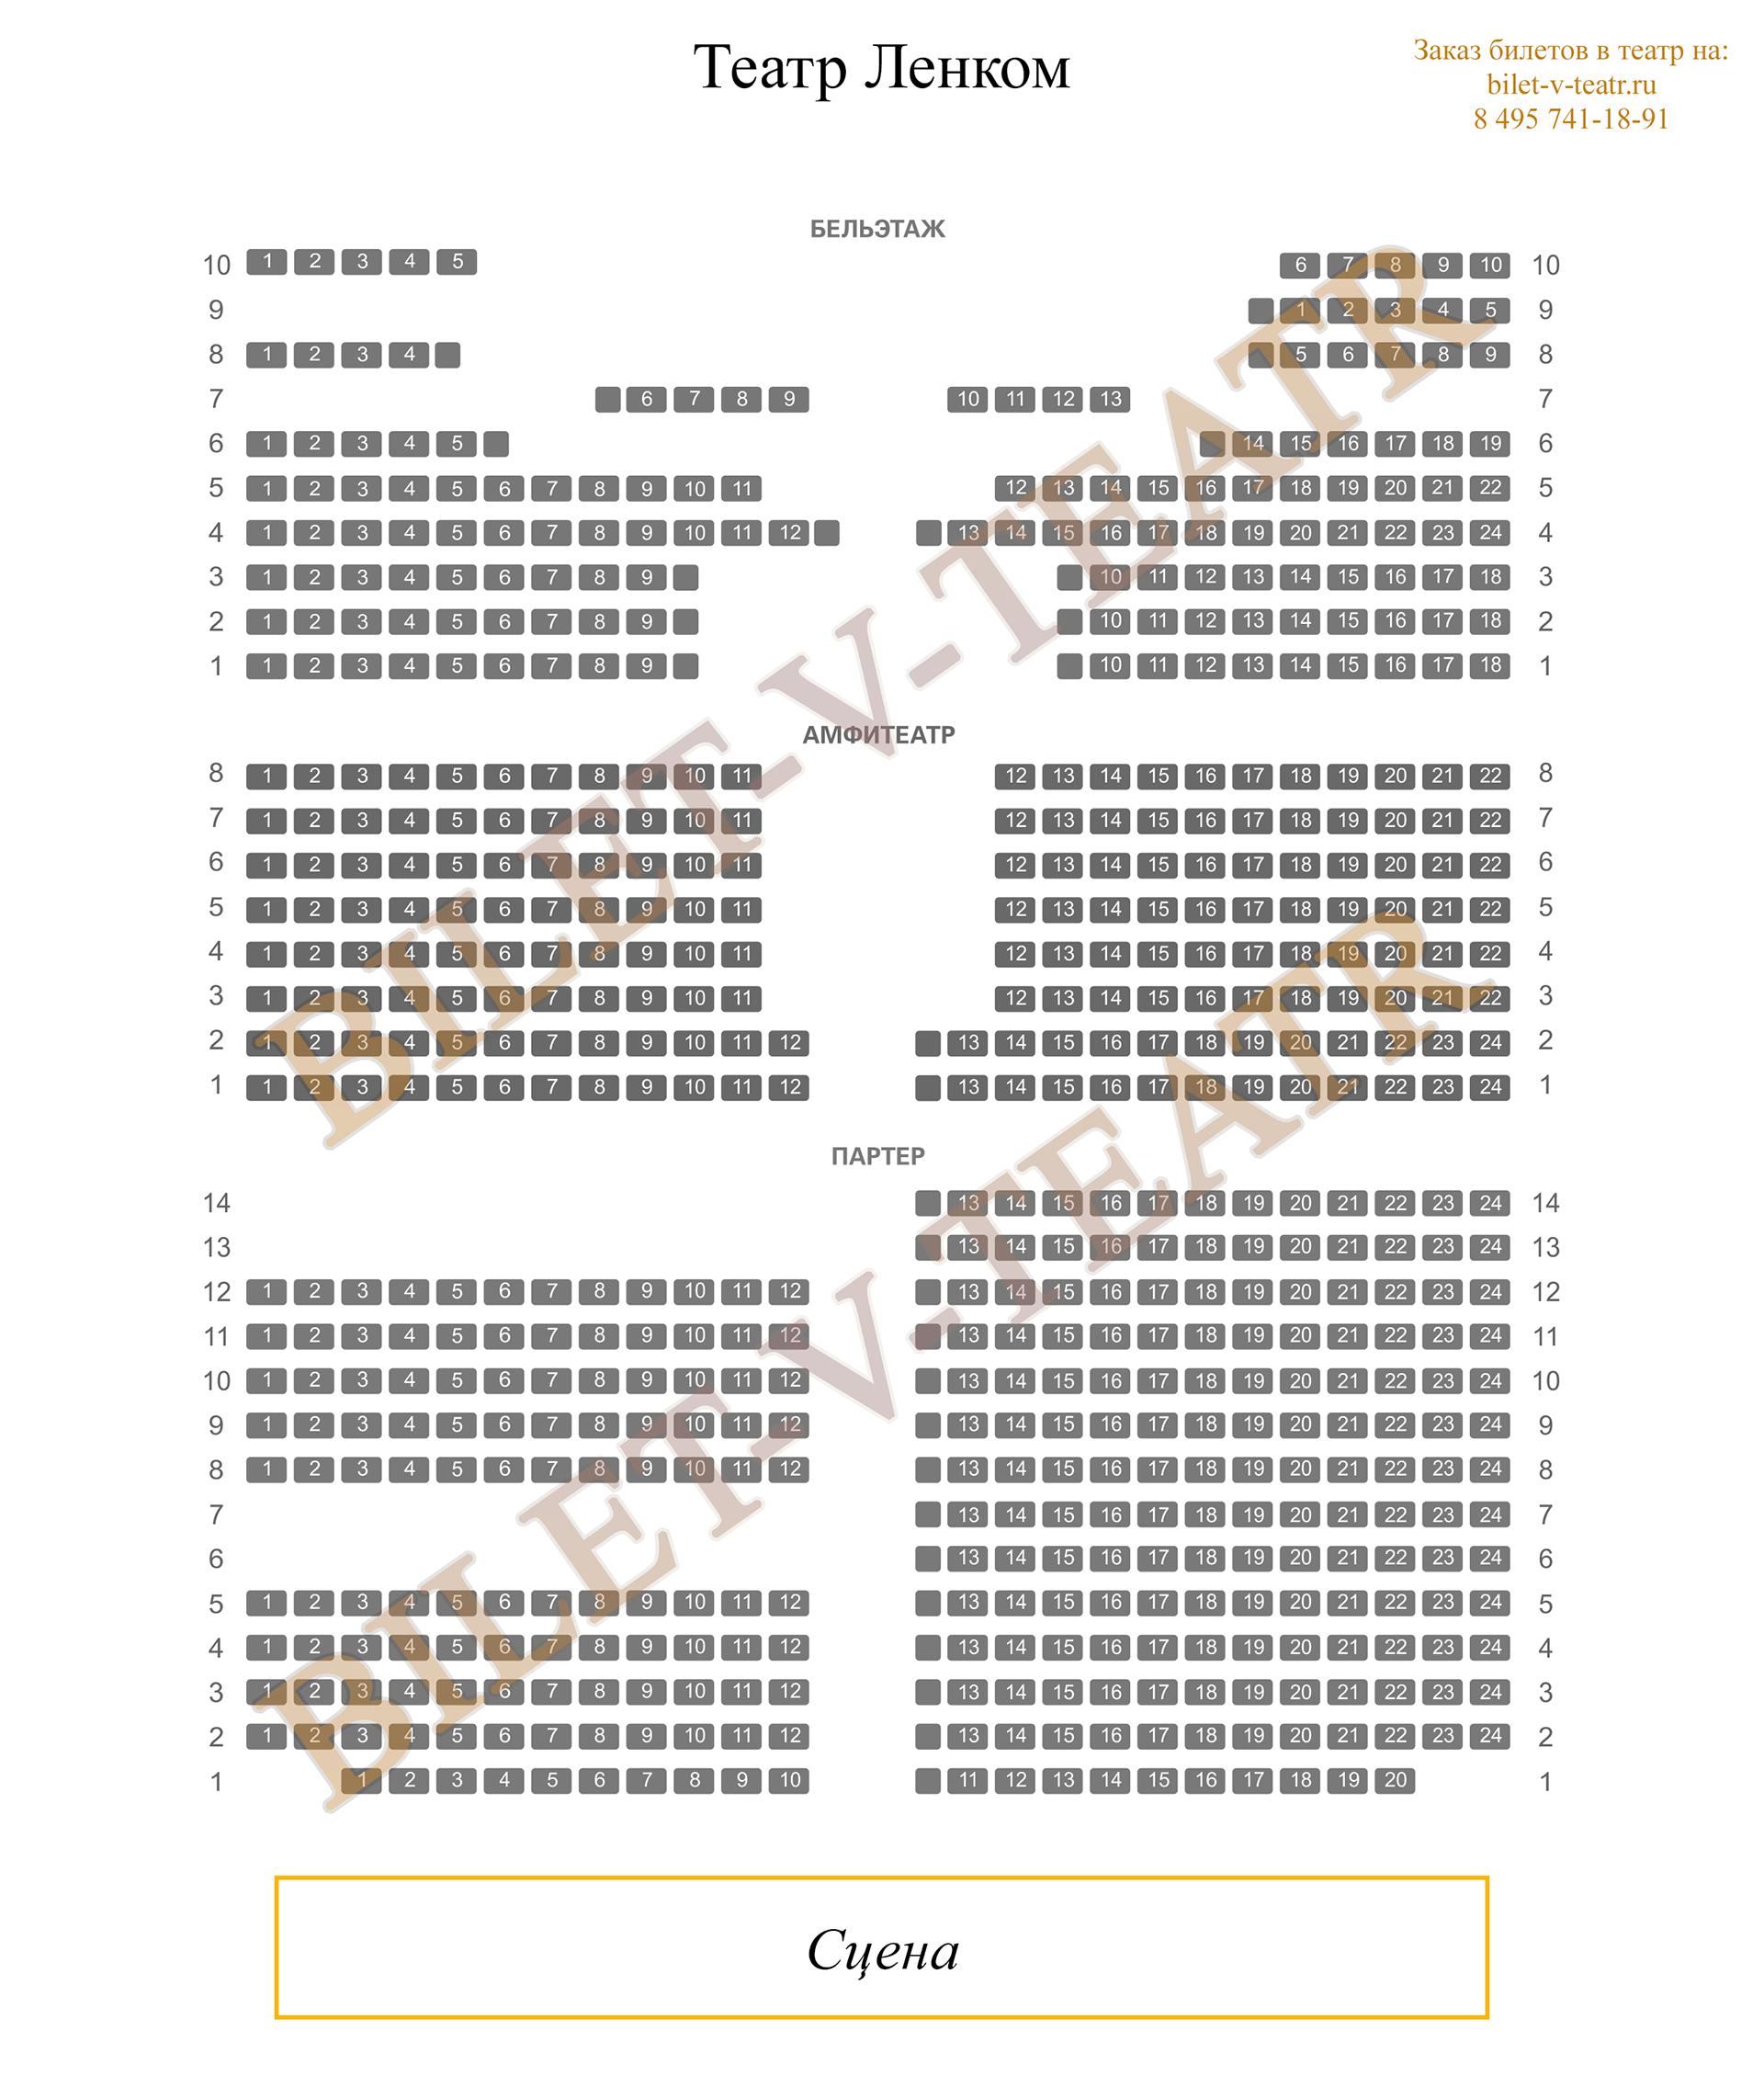 Схема зала театра ленком фото